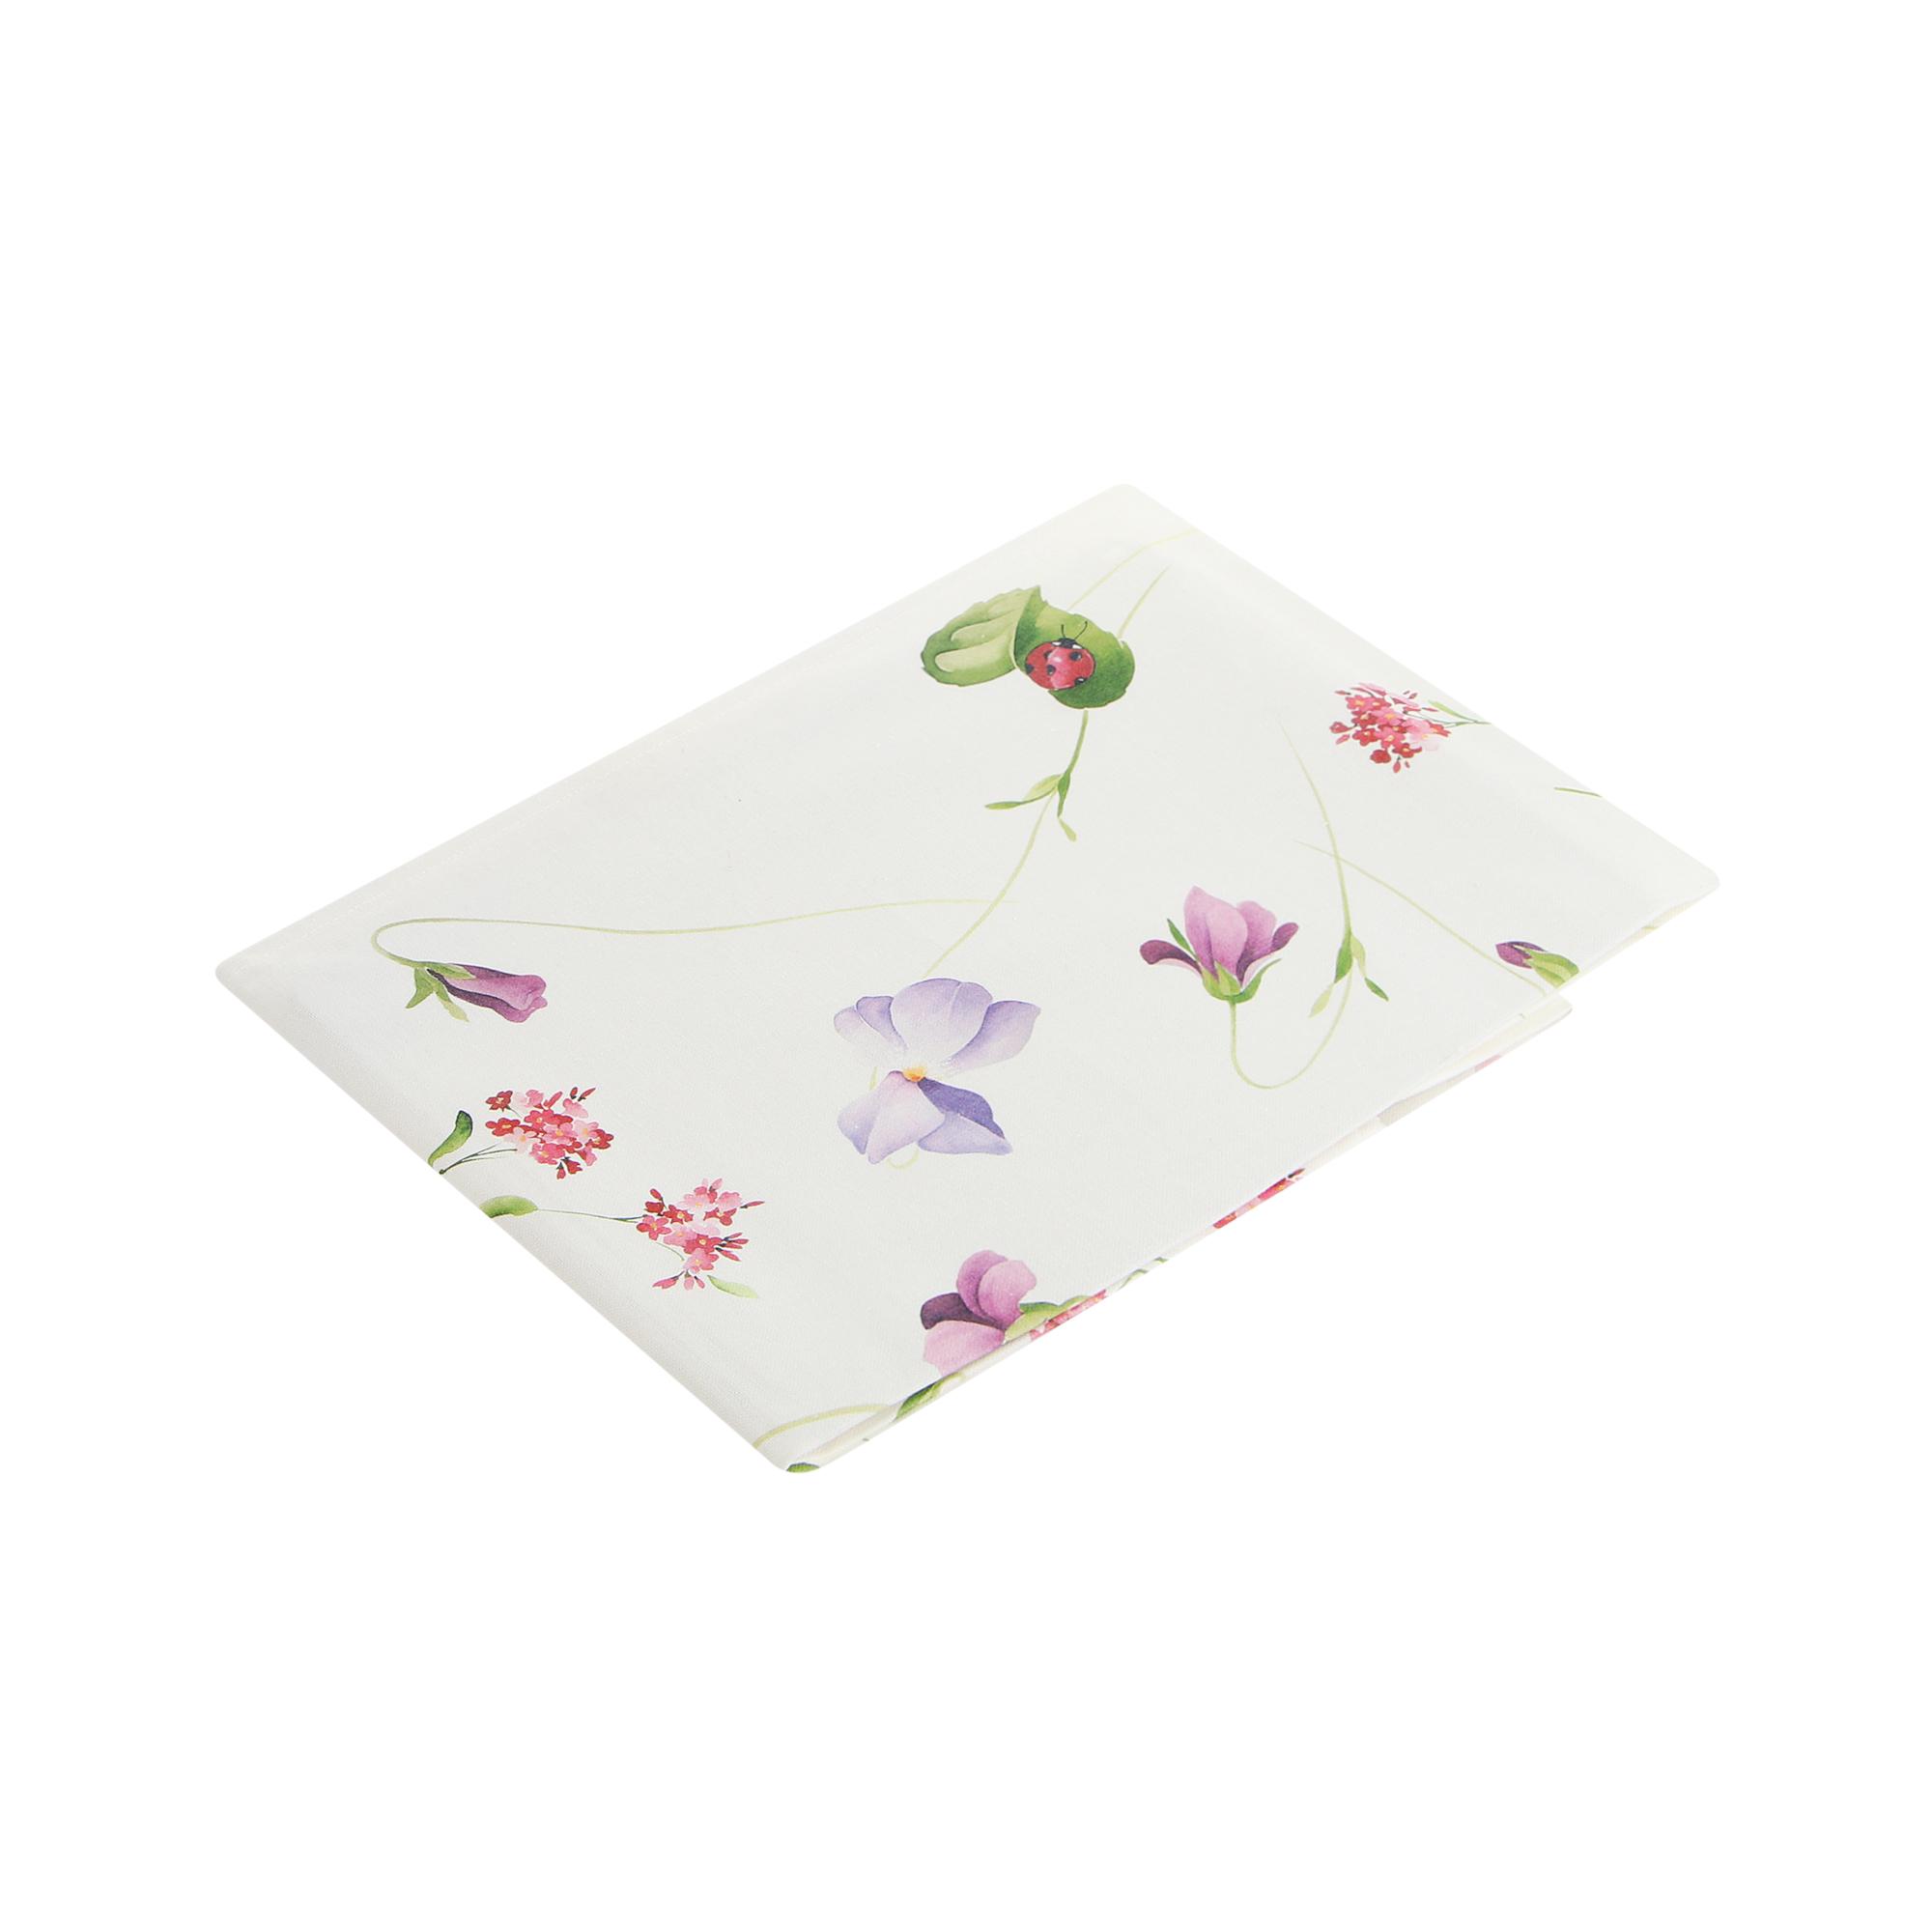 Комплект столовый Gabel blooming дорожка 50x150 + 2 салфетки 45x45